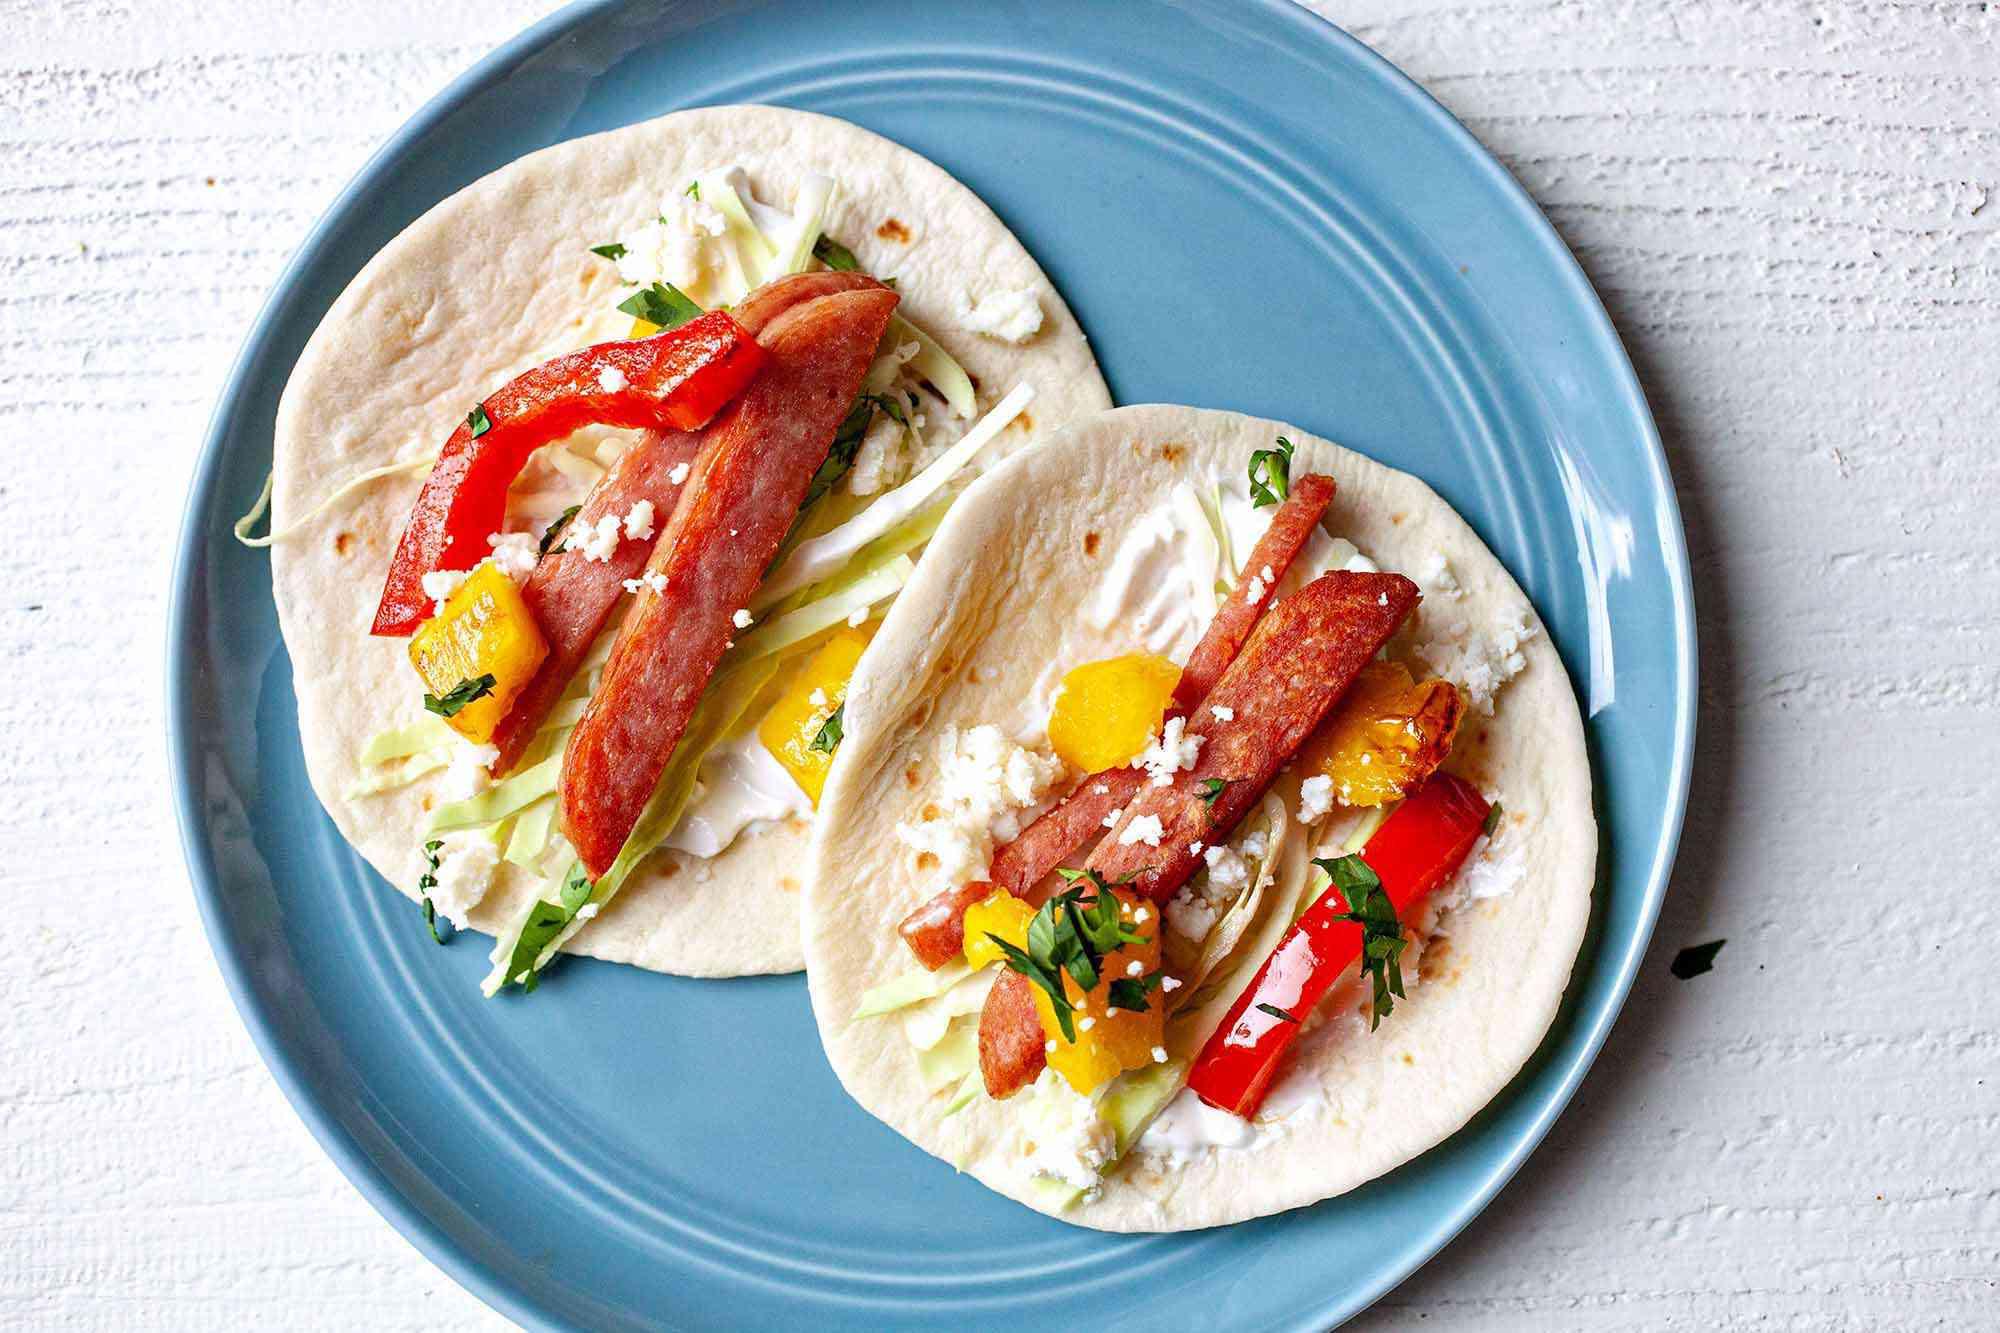 Pork pineapple tacos serve the tacos